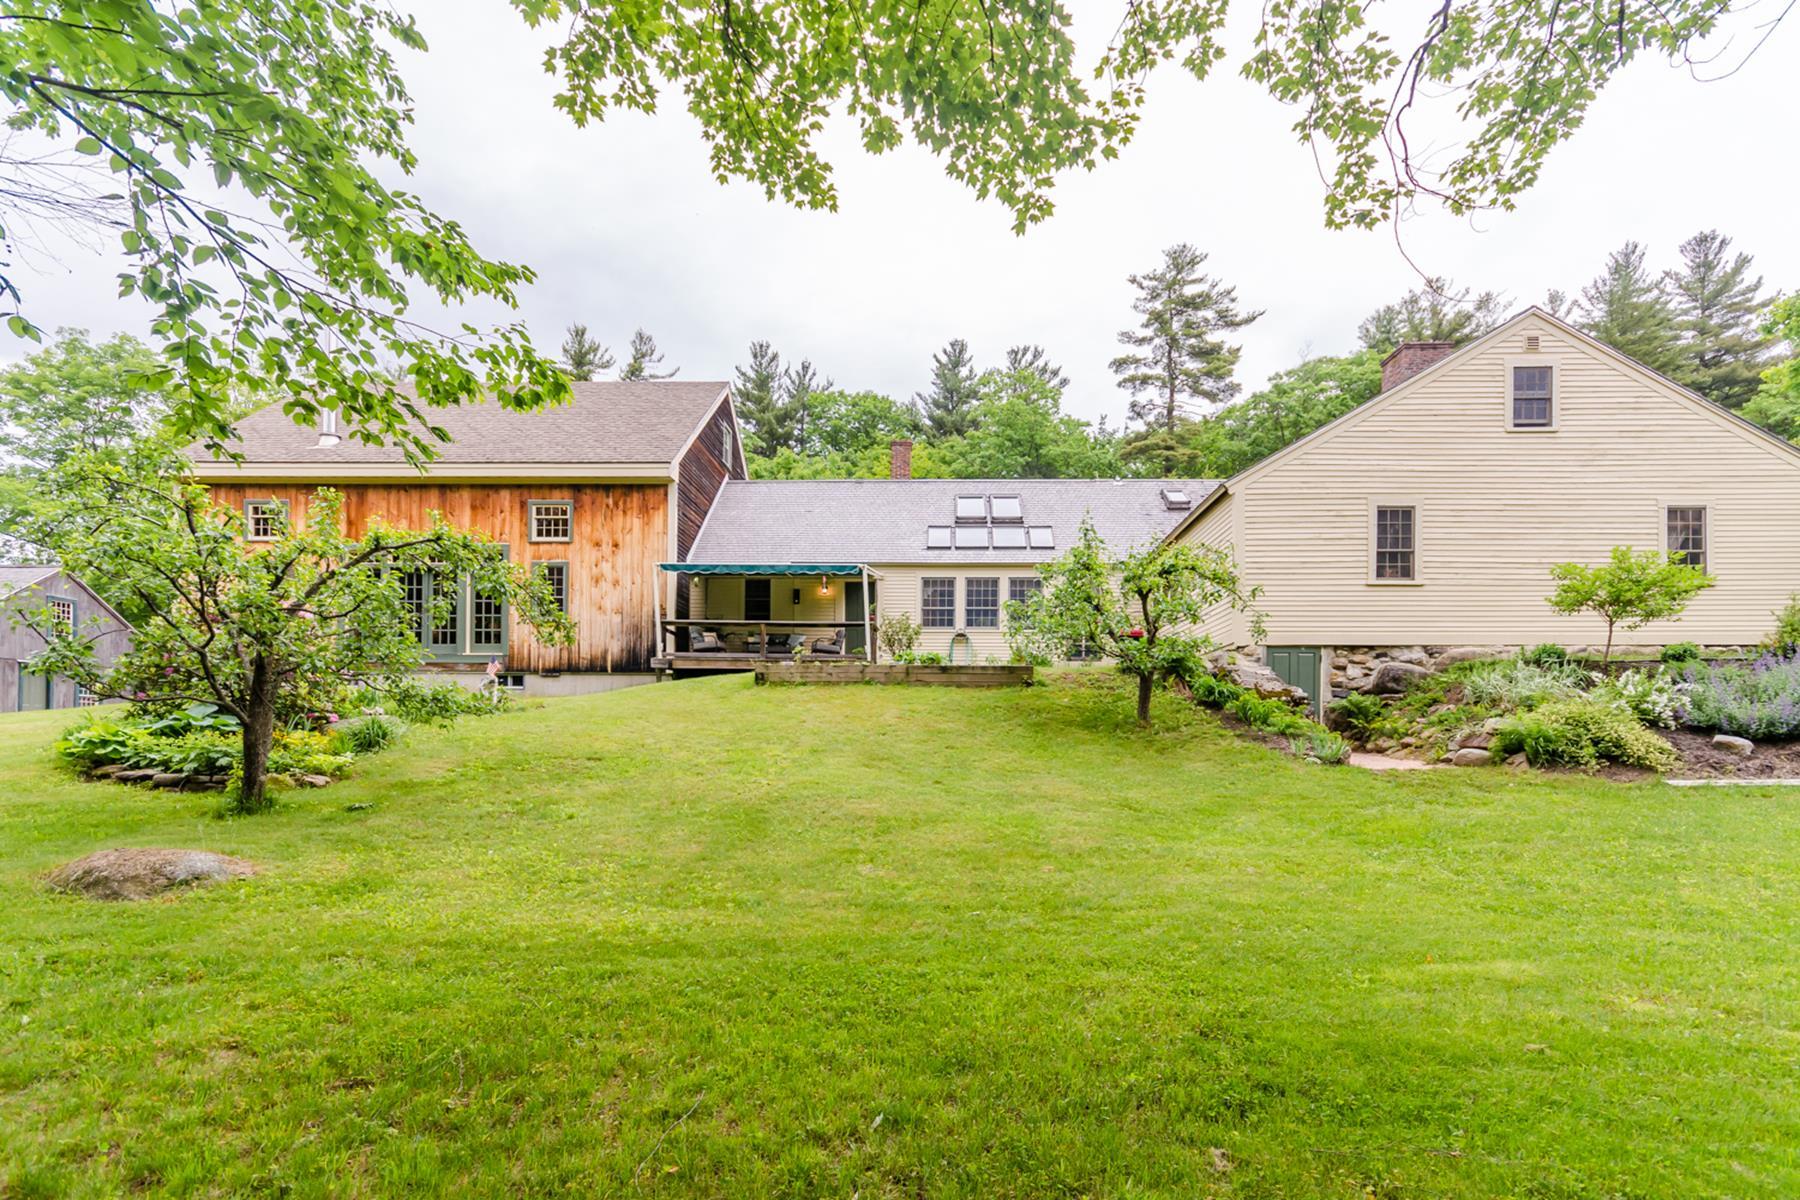 Casa para uma família para Venda às 752 Murray Hill Road, Hill 752 Murray Hill Rd Hill, New Hampshire, 03243 Estados Unidos